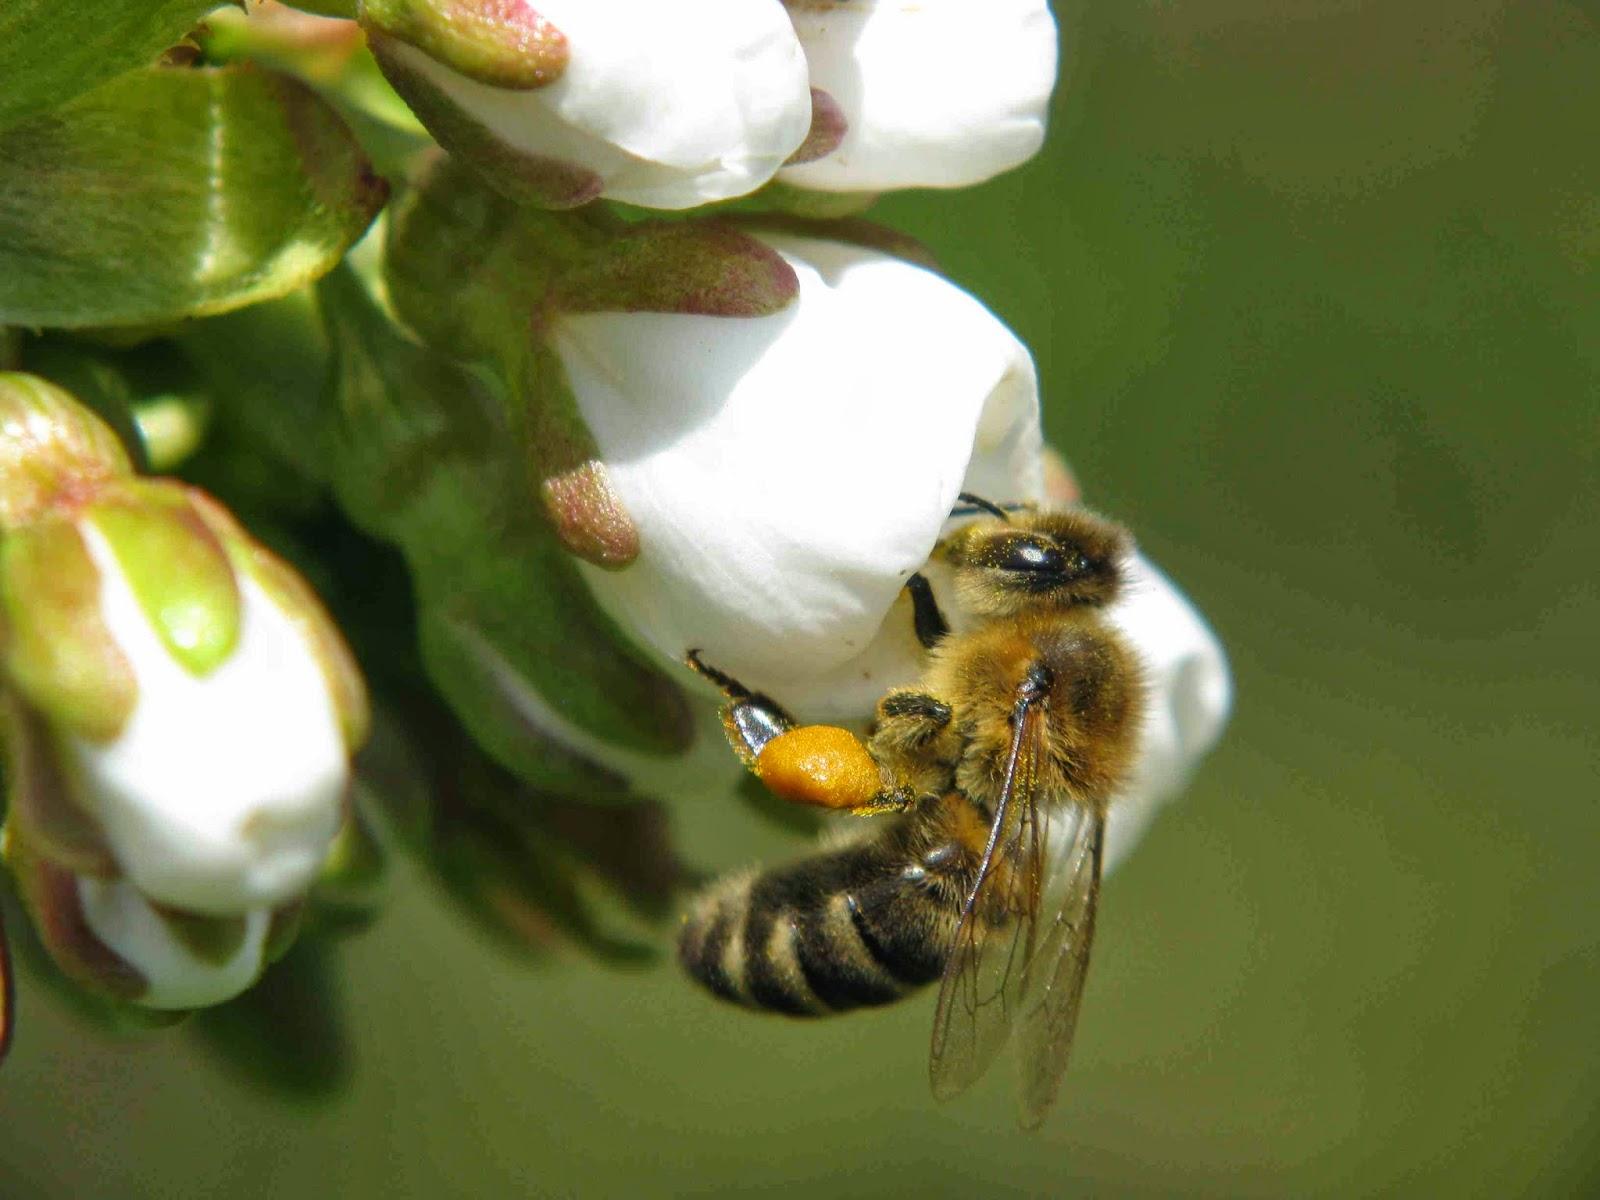 elte bild vortrag im zauber der bl tenwelt mit bienen bl ht das leben am 3 april. Black Bedroom Furniture Sets. Home Design Ideas